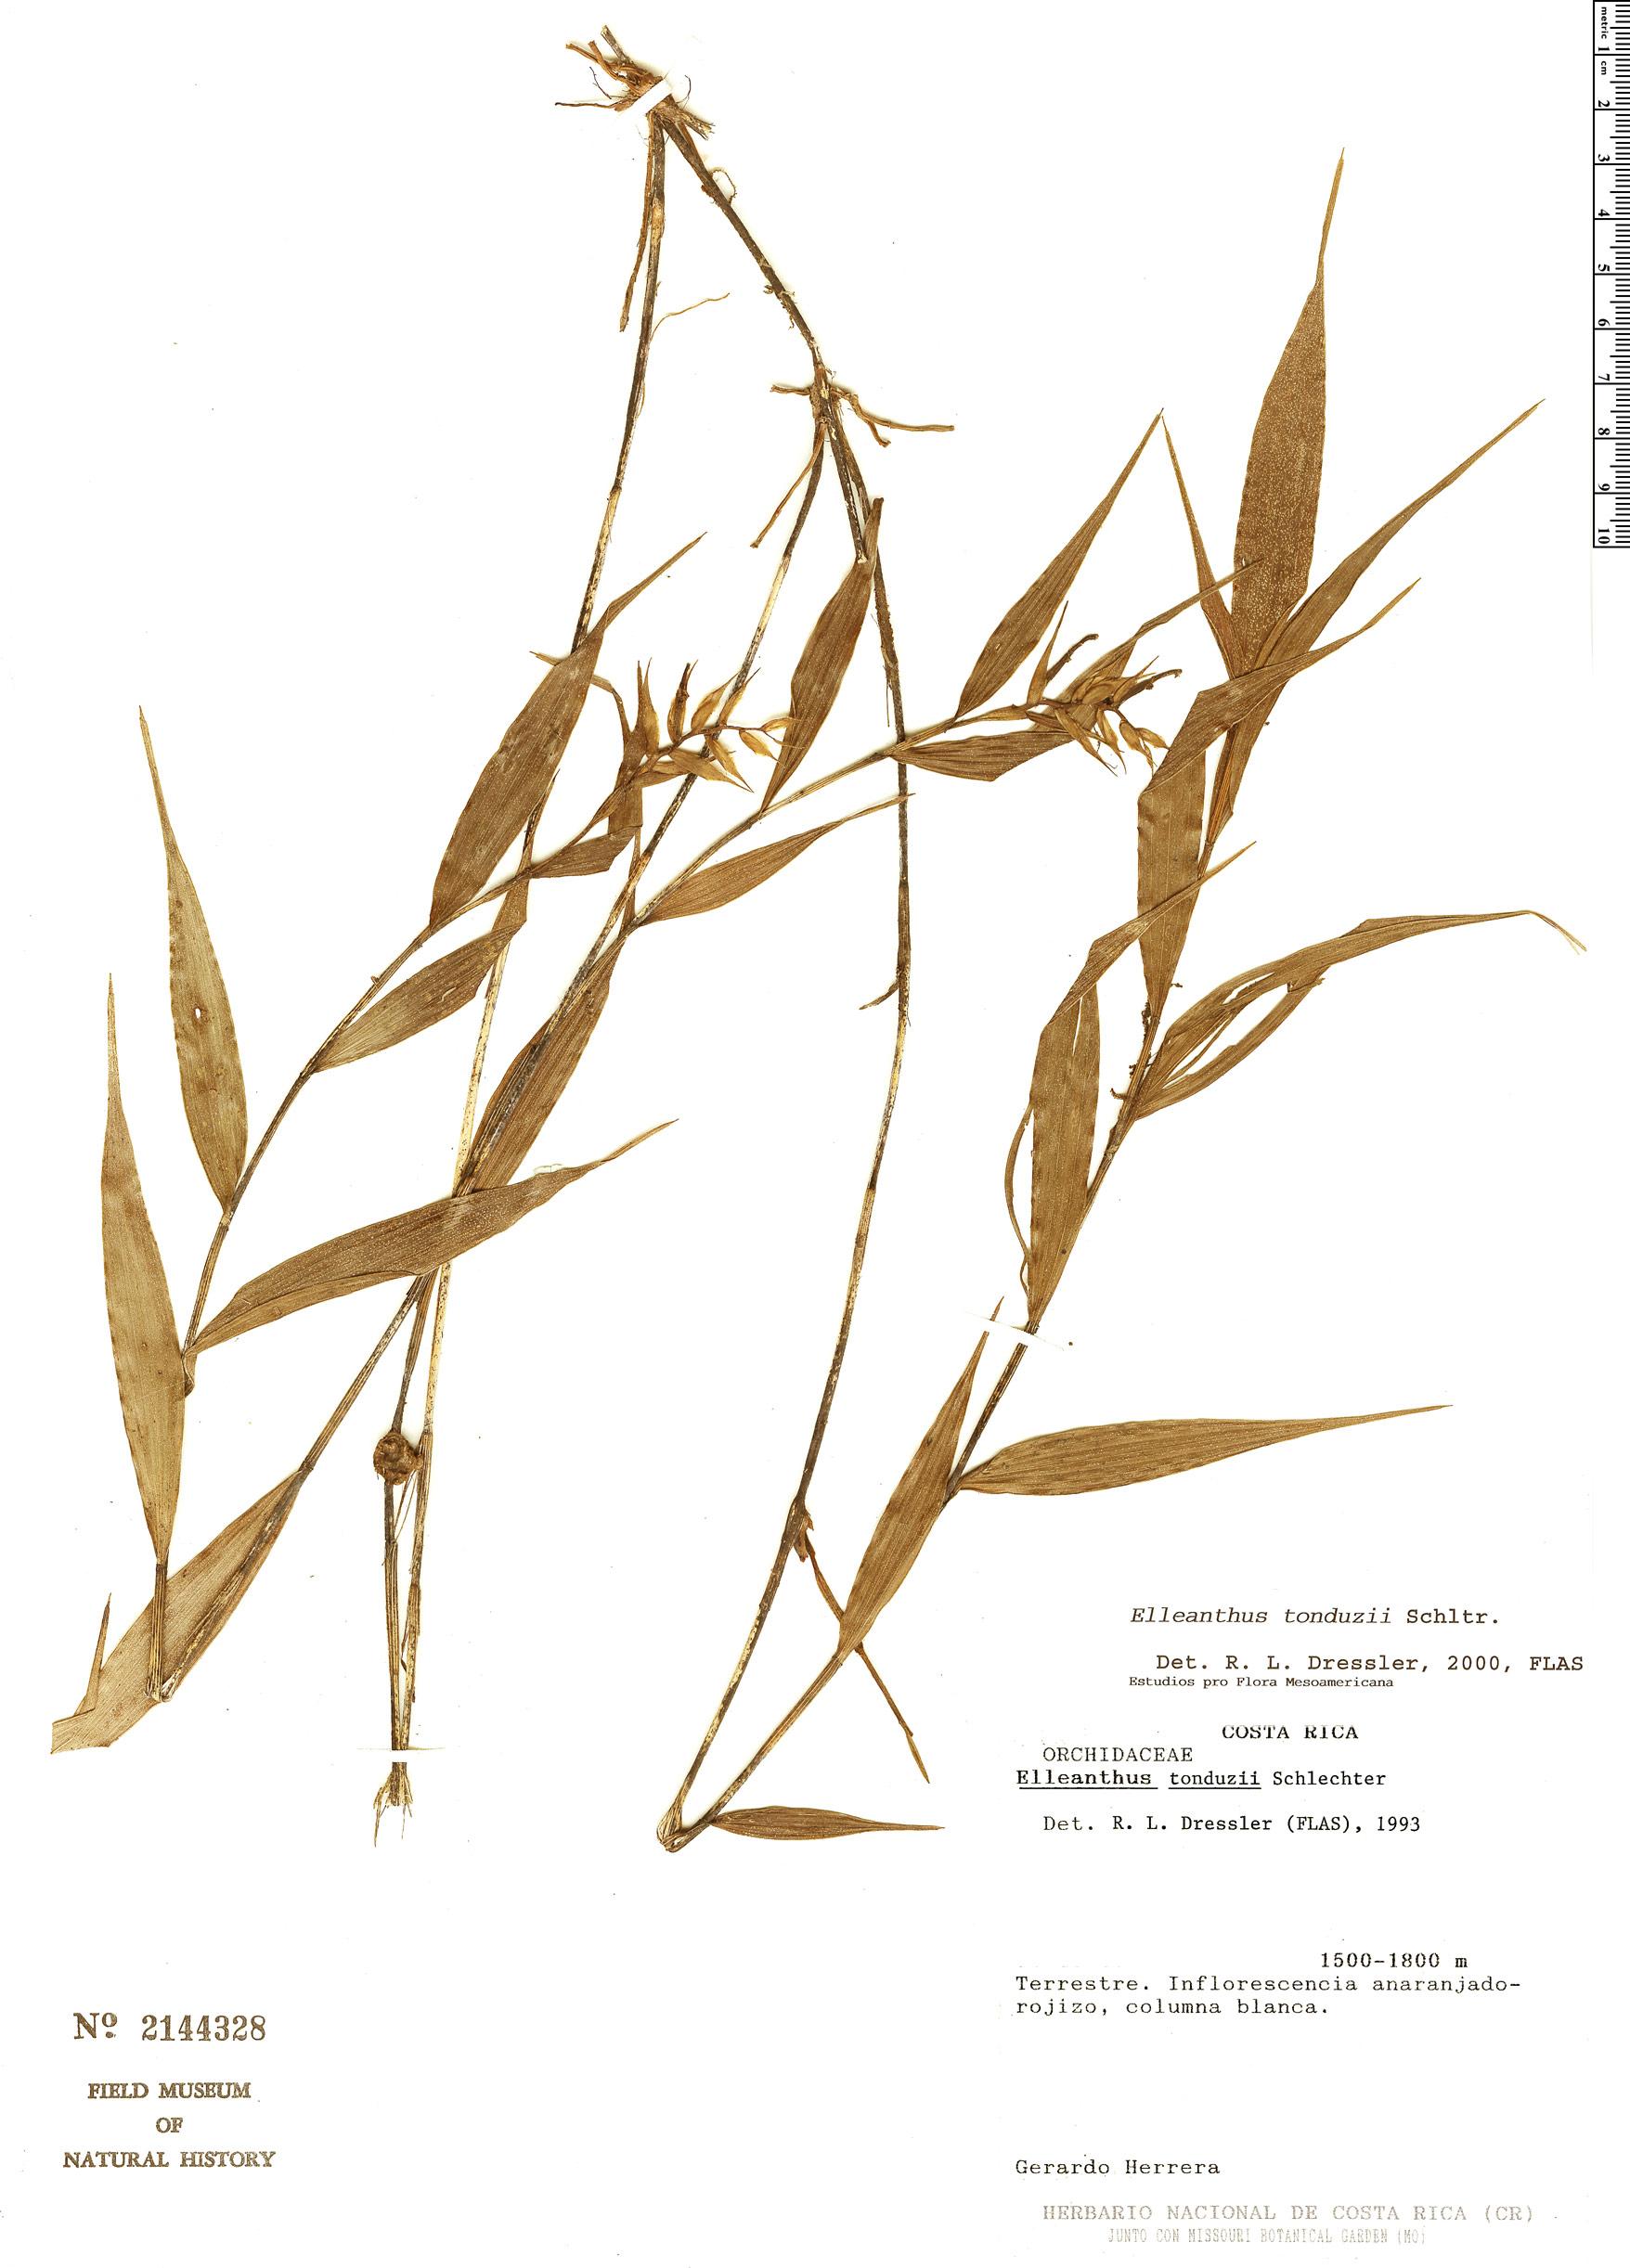 Specimen: Elleanthus tonduzii